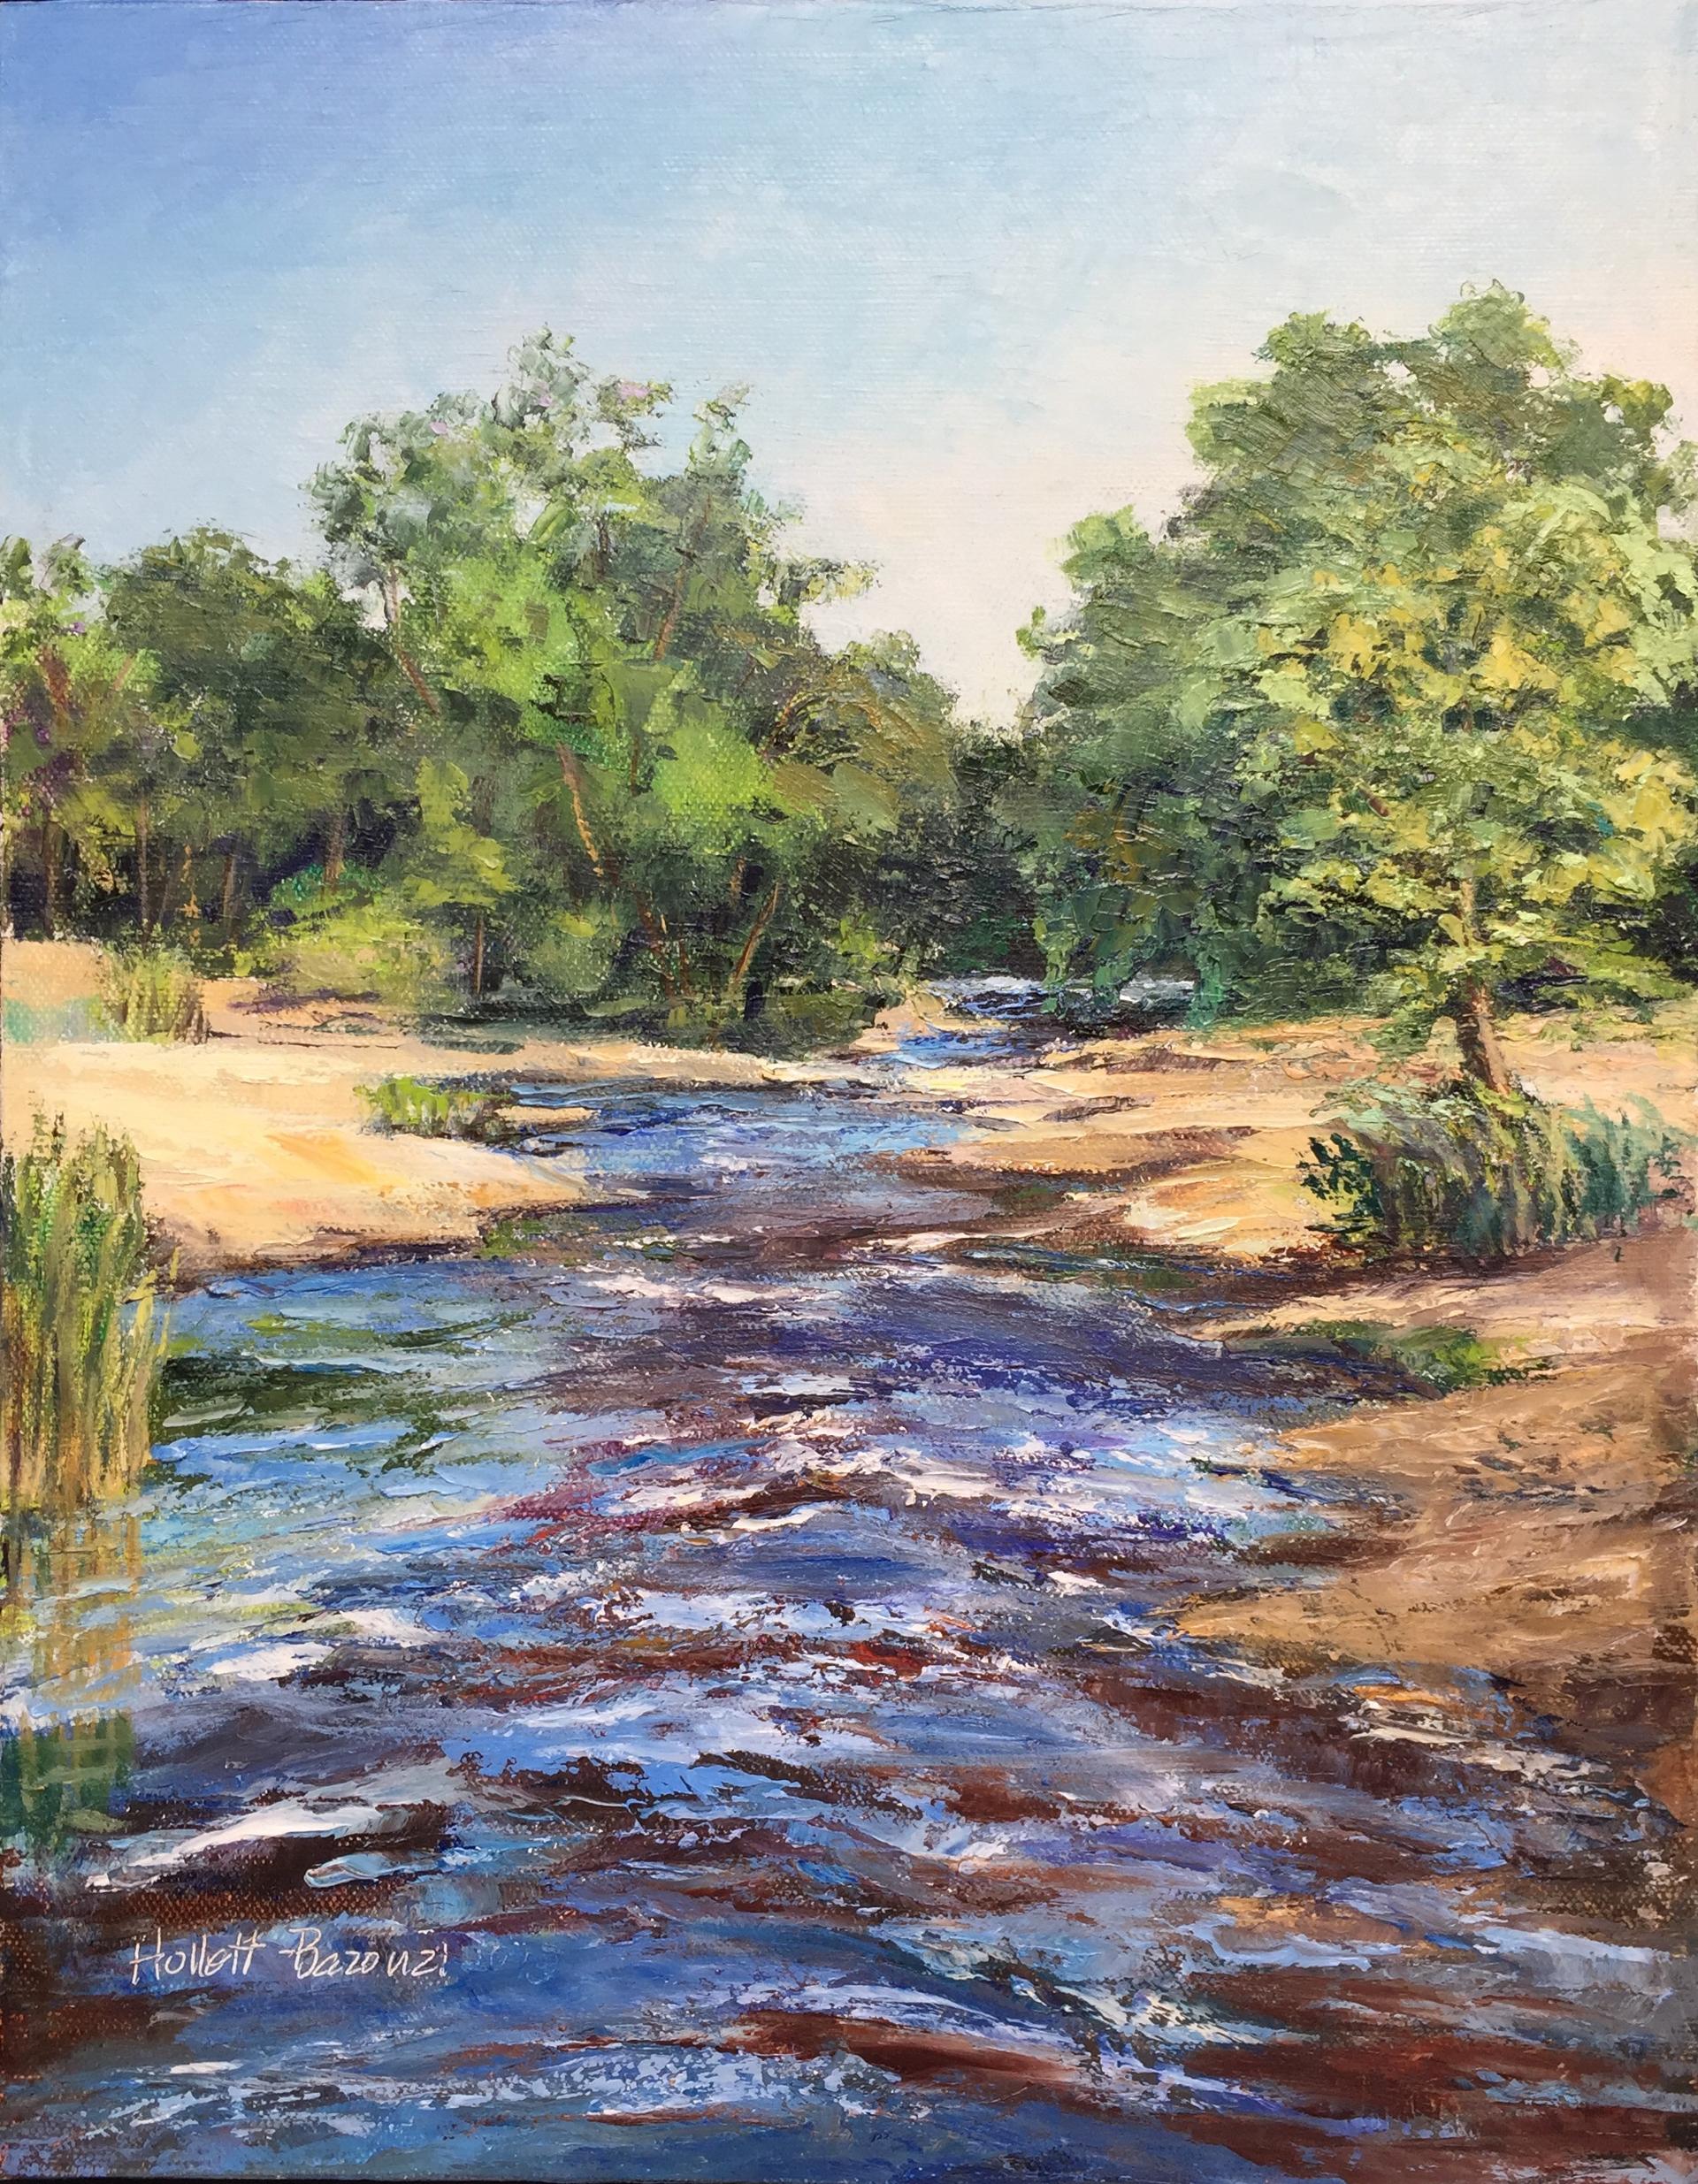 A Fine Day at Fine Creek by Linda Hollett-Bazouzi